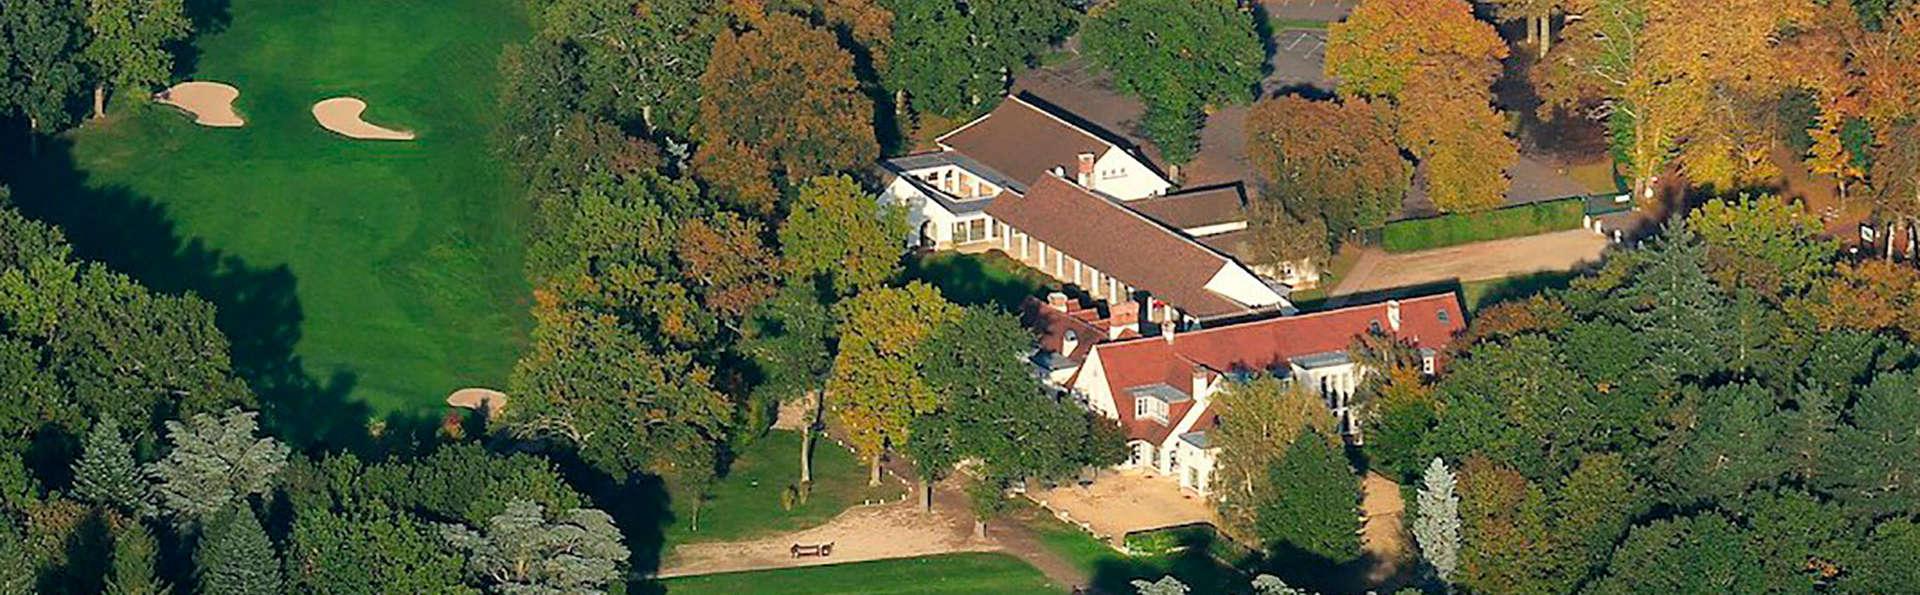 Hostellerie du Lys - EDIT_aerea.jpg